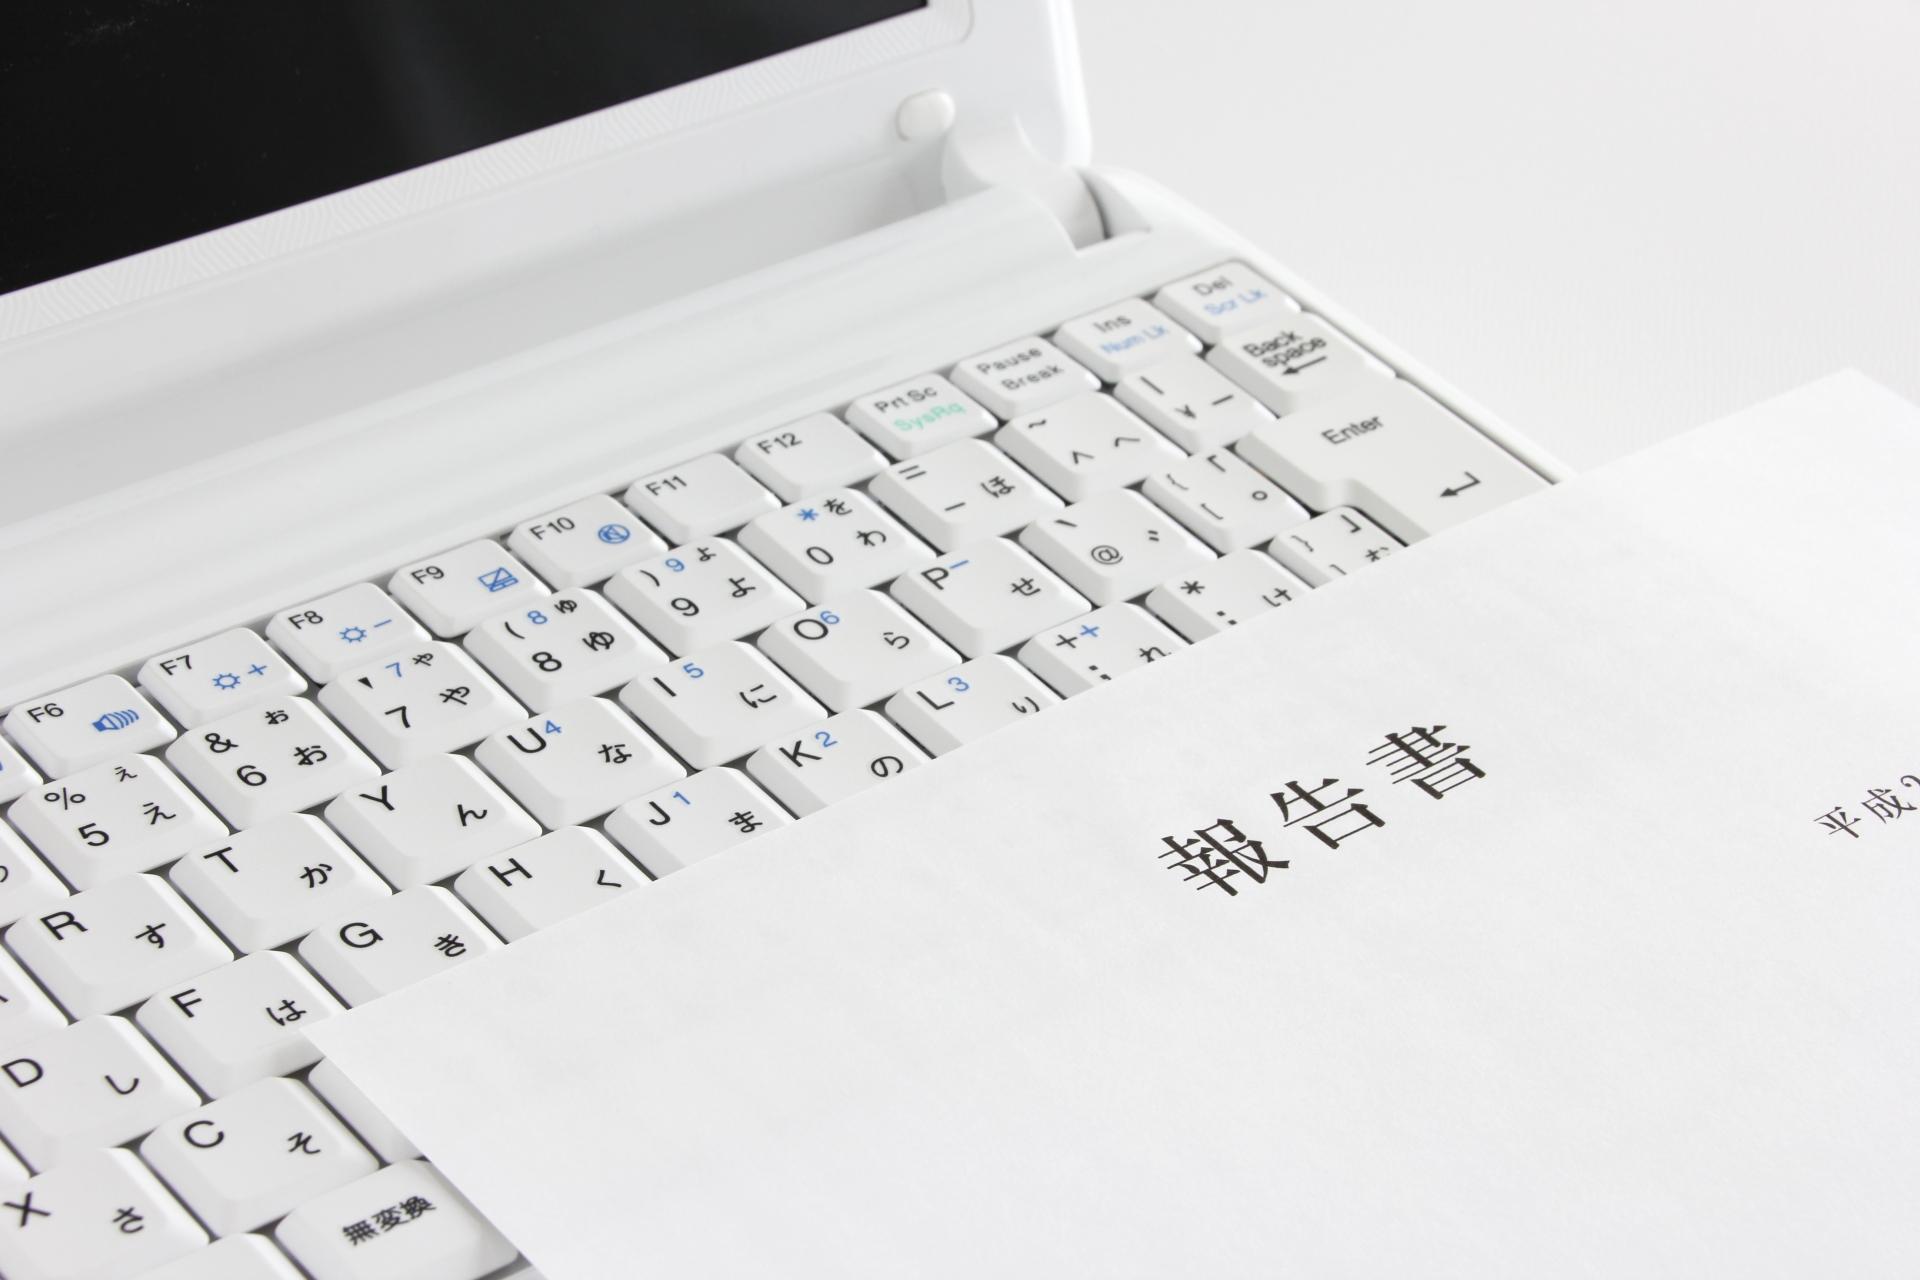 PDFを白黒(モノクロ・グレースケール)にする方法